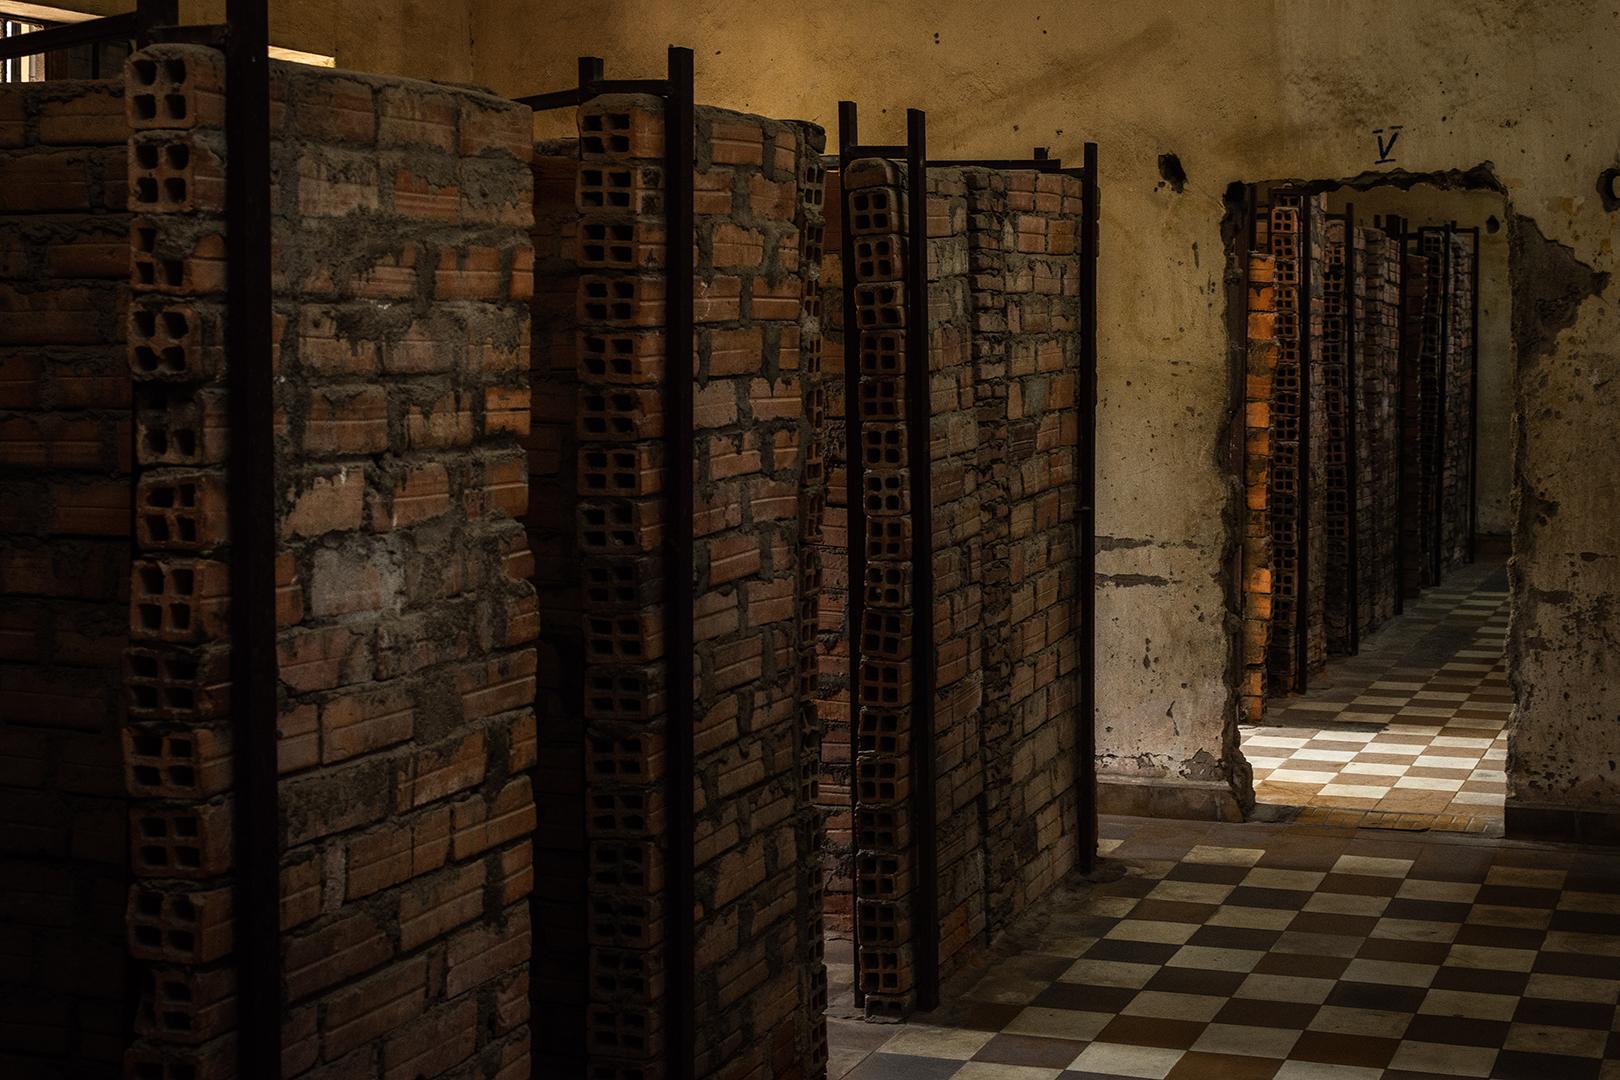 Fotografía das diminutas celdas de Tuol Sleng   Sergio Casal ©